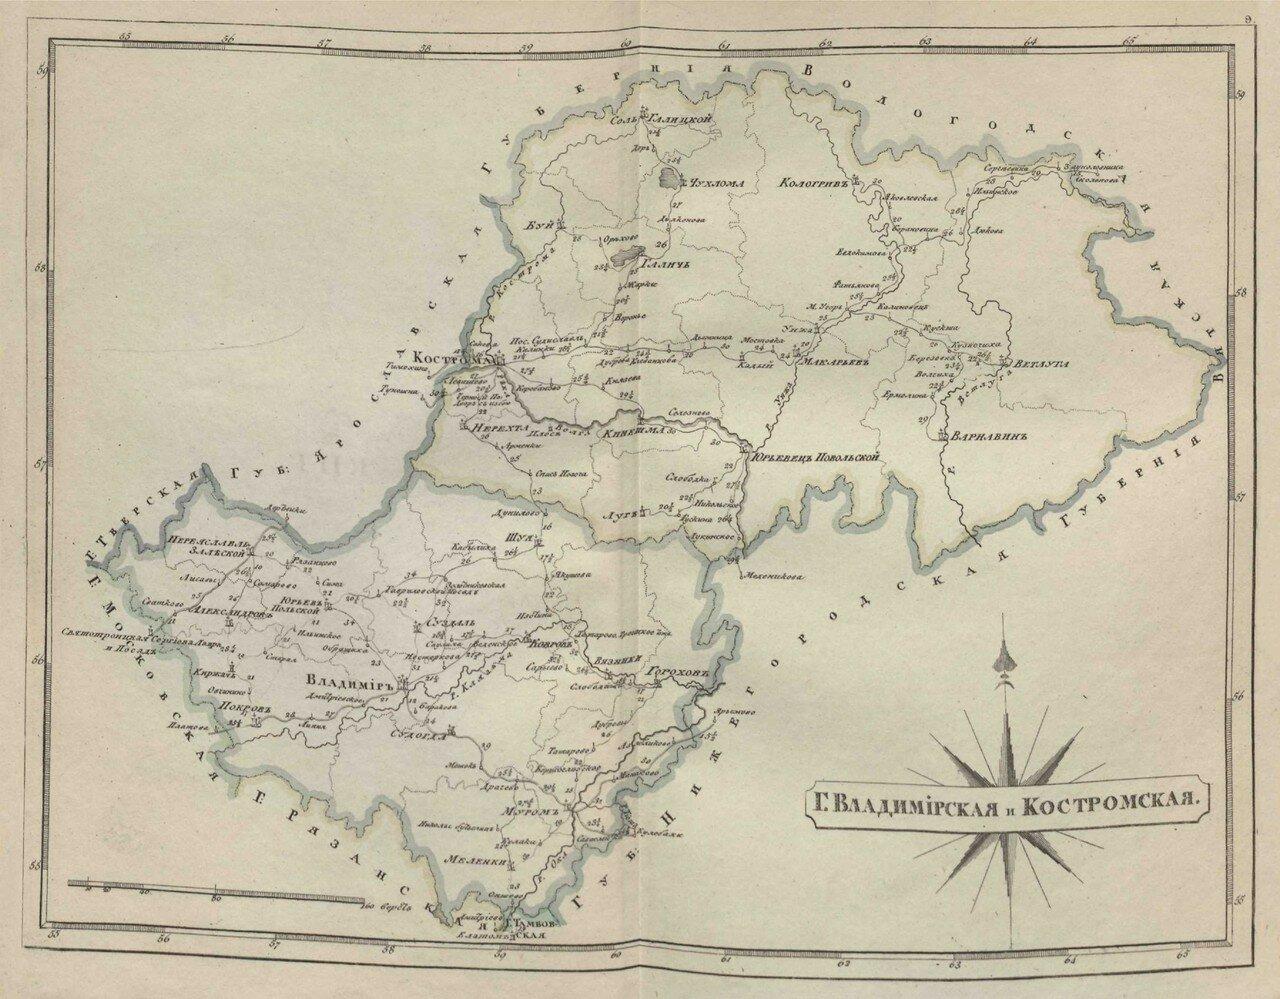 10. Владимирская и Костромская губернии